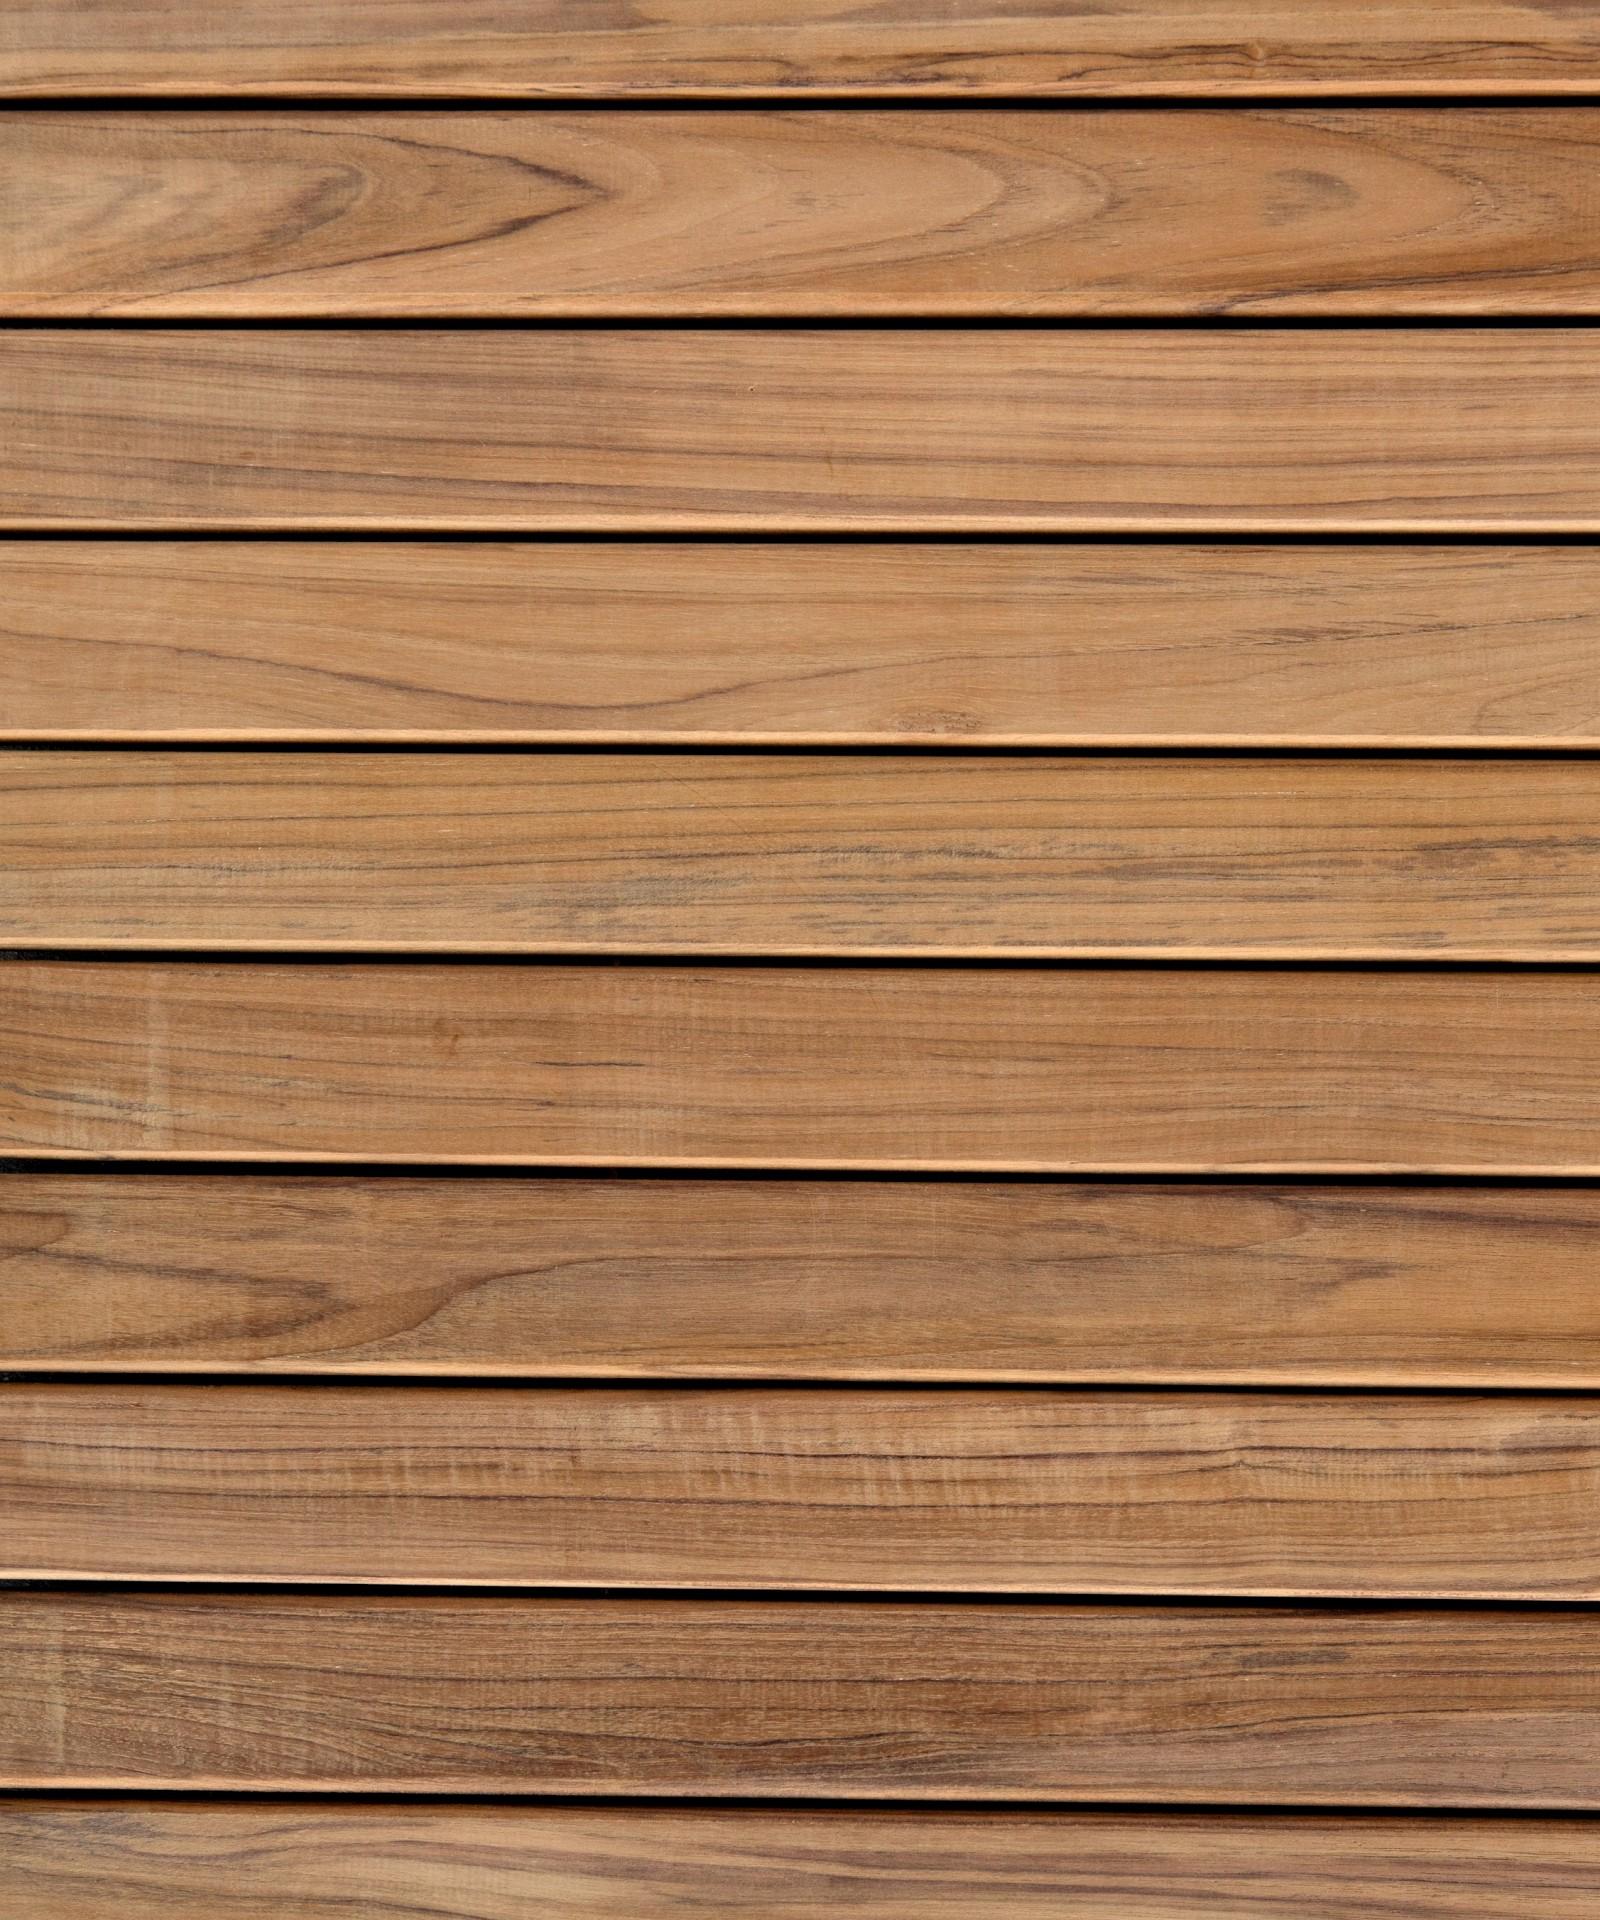 19mm St/ärke Terrassendielen aus Teakholz von BioMaderas/® 50mm Breite 80cm L/änge